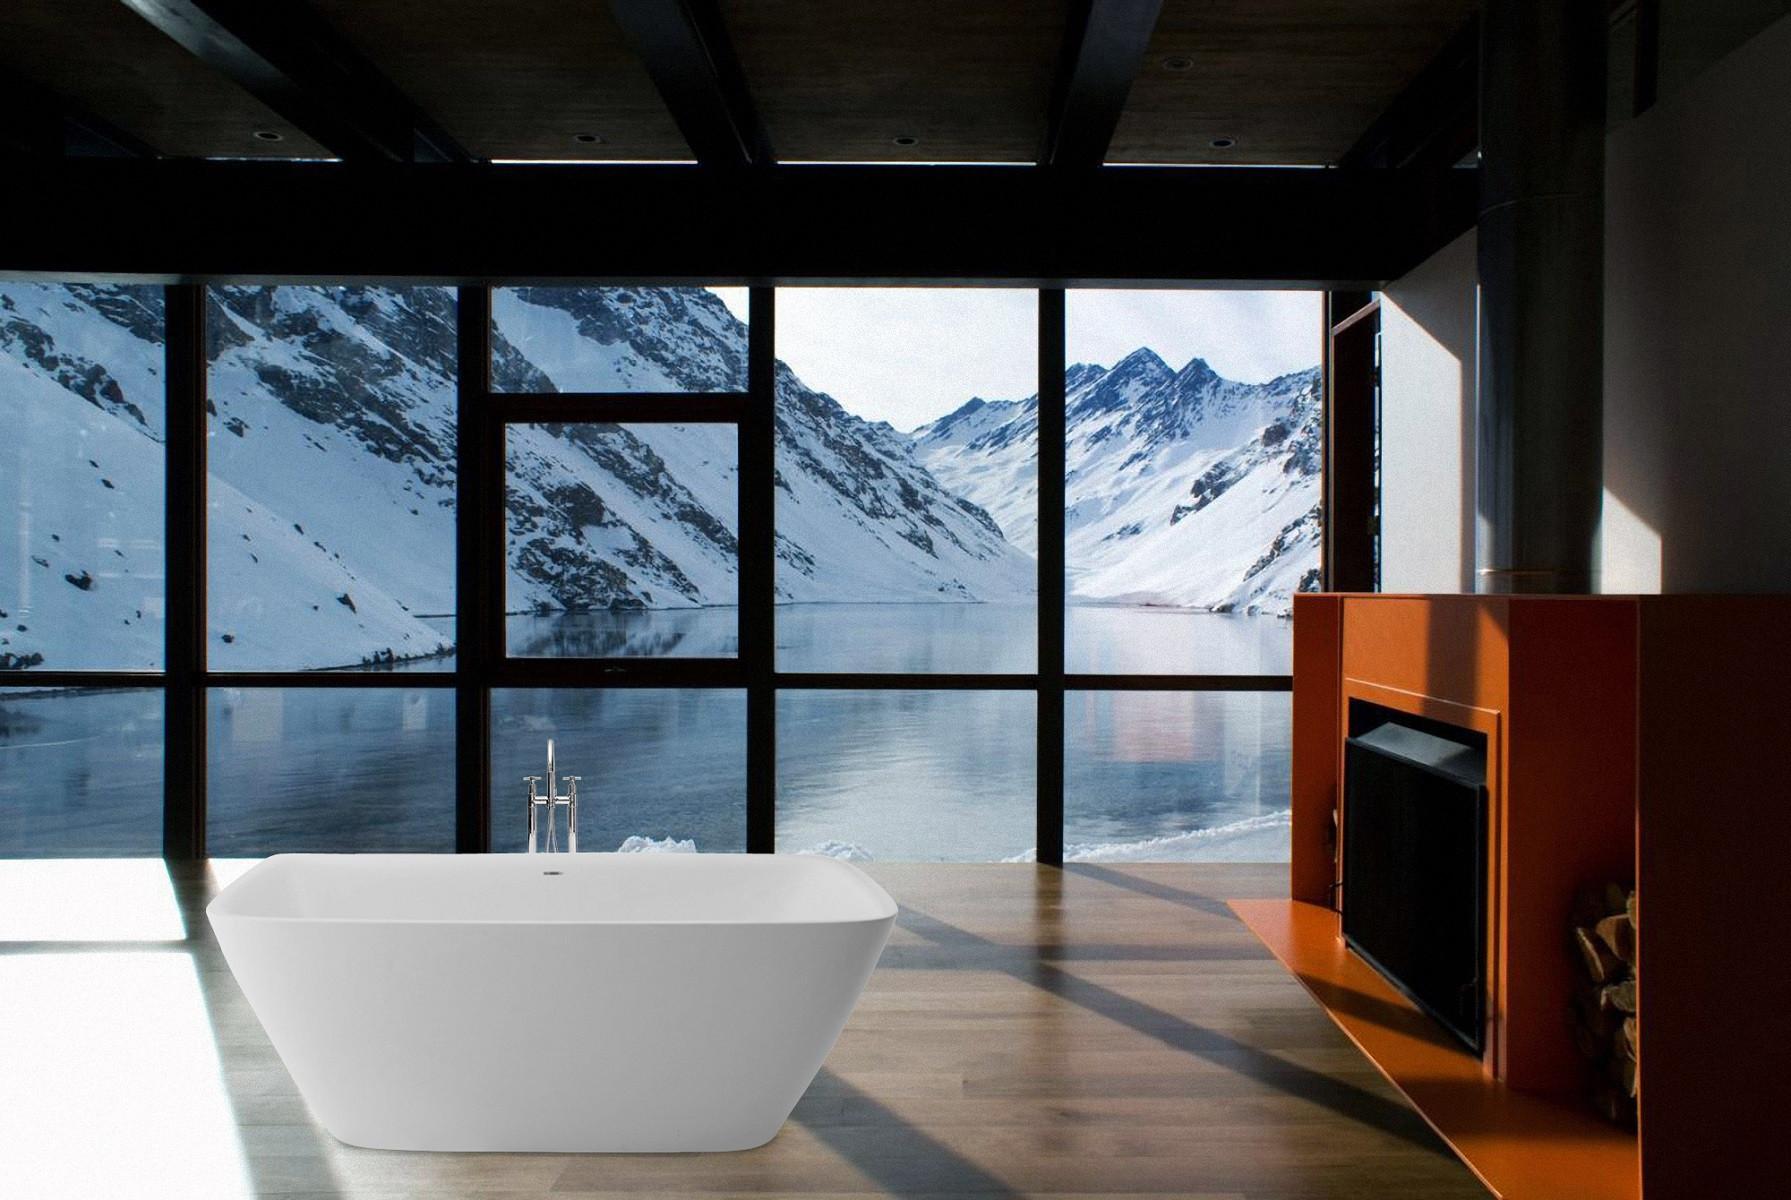 Aquatica Arab-Wht Rectangular Freestanding AquaStone™ Bathtub in White